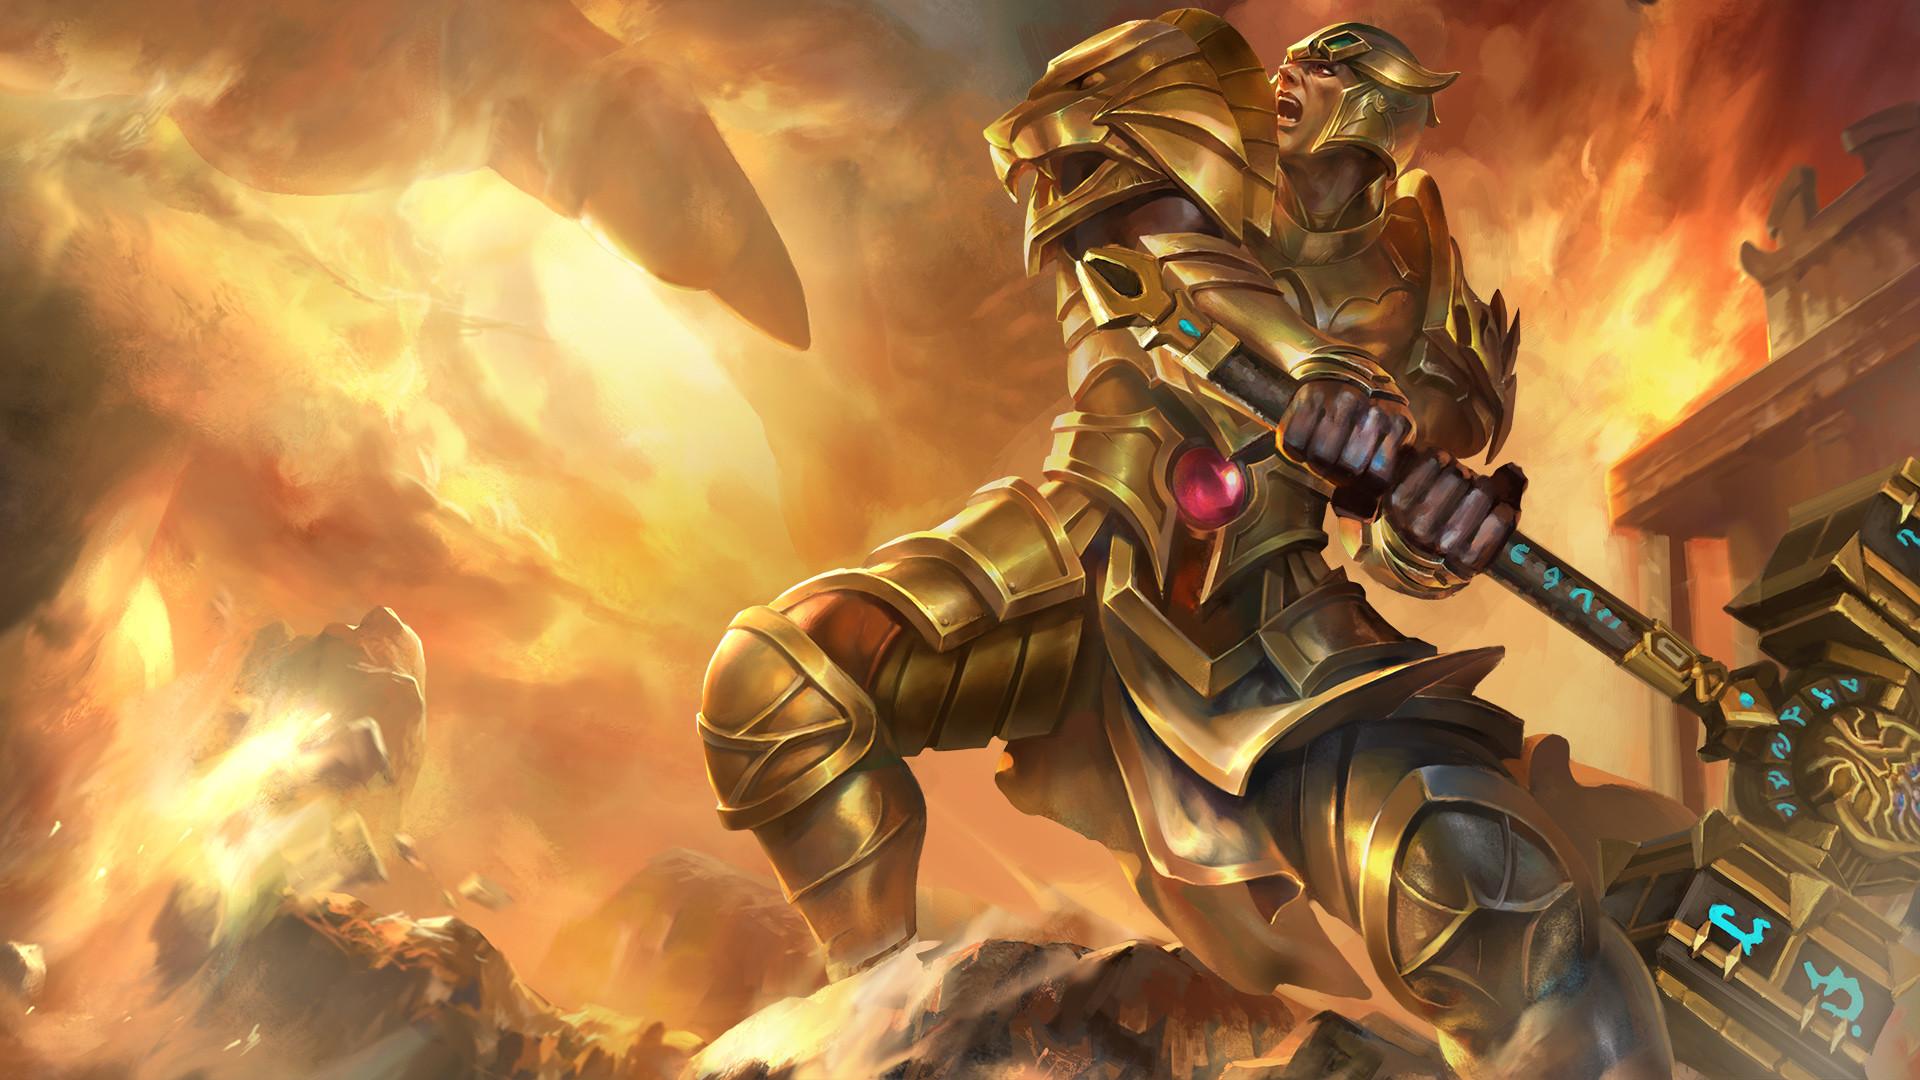 God Of War Mobile Wallpaper Hd 1080p Hercules Wallpapers 62 Images